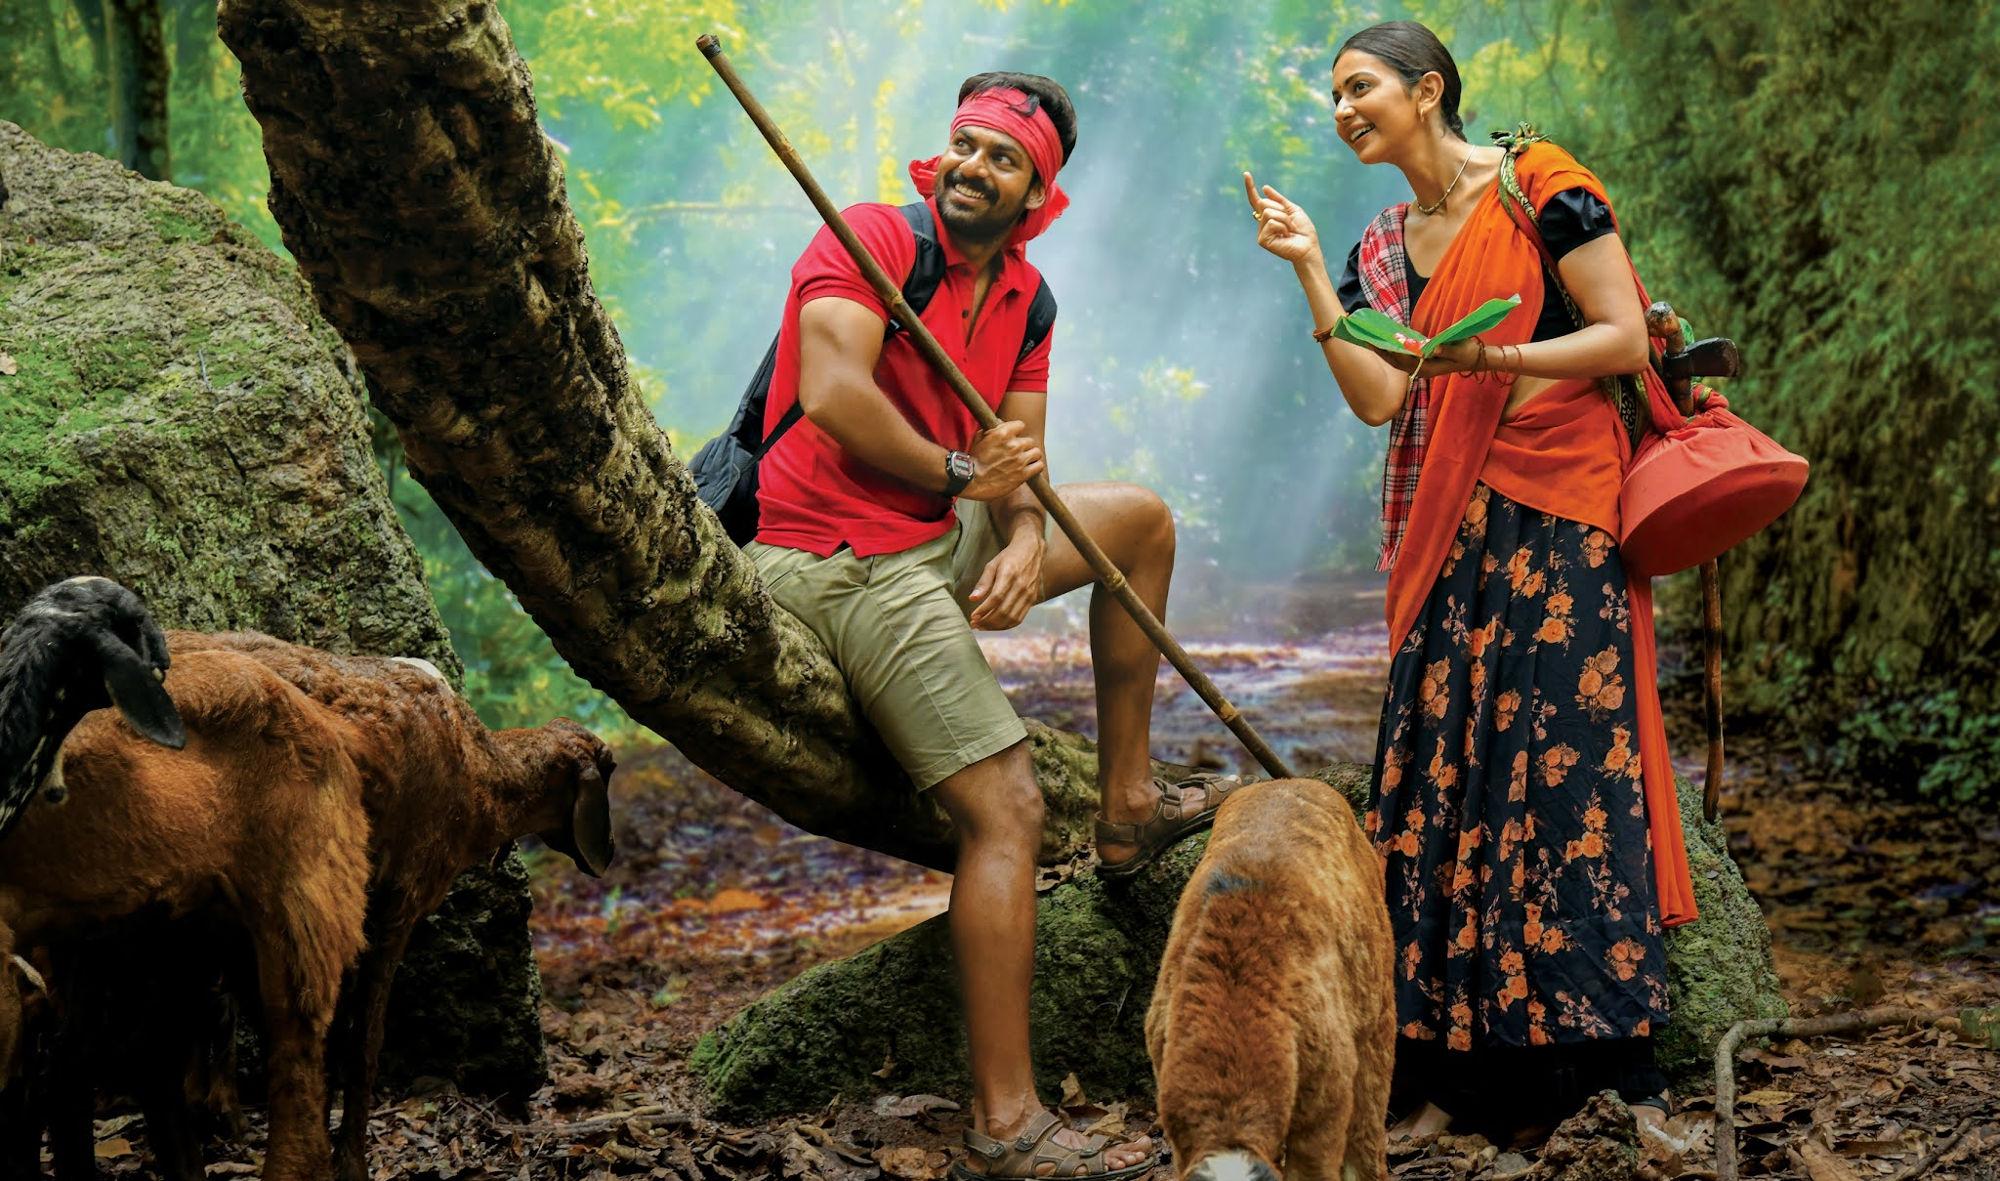 Panja Vaisshnav Tej, Rakul Preet Singh, Konda Polam Movie Trailer Out